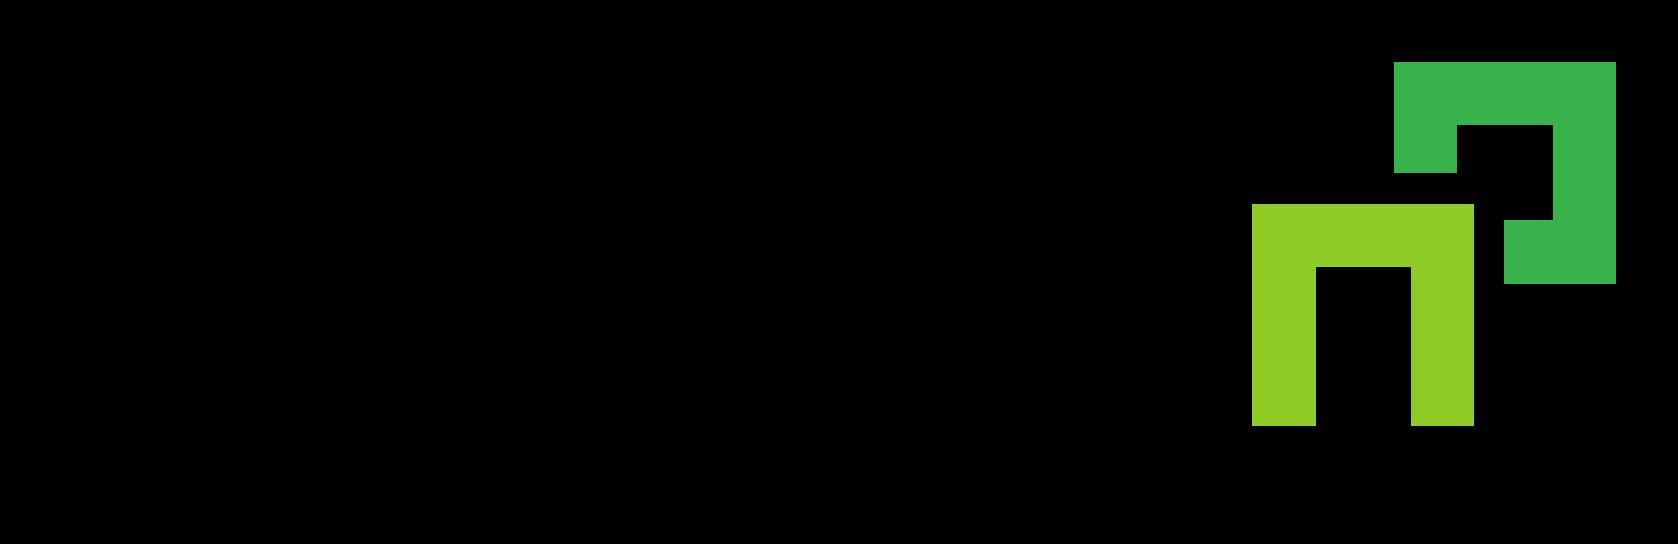 WIKĘD | Drzwi zewnętrzne | Okna PCV | Stolarka ALU